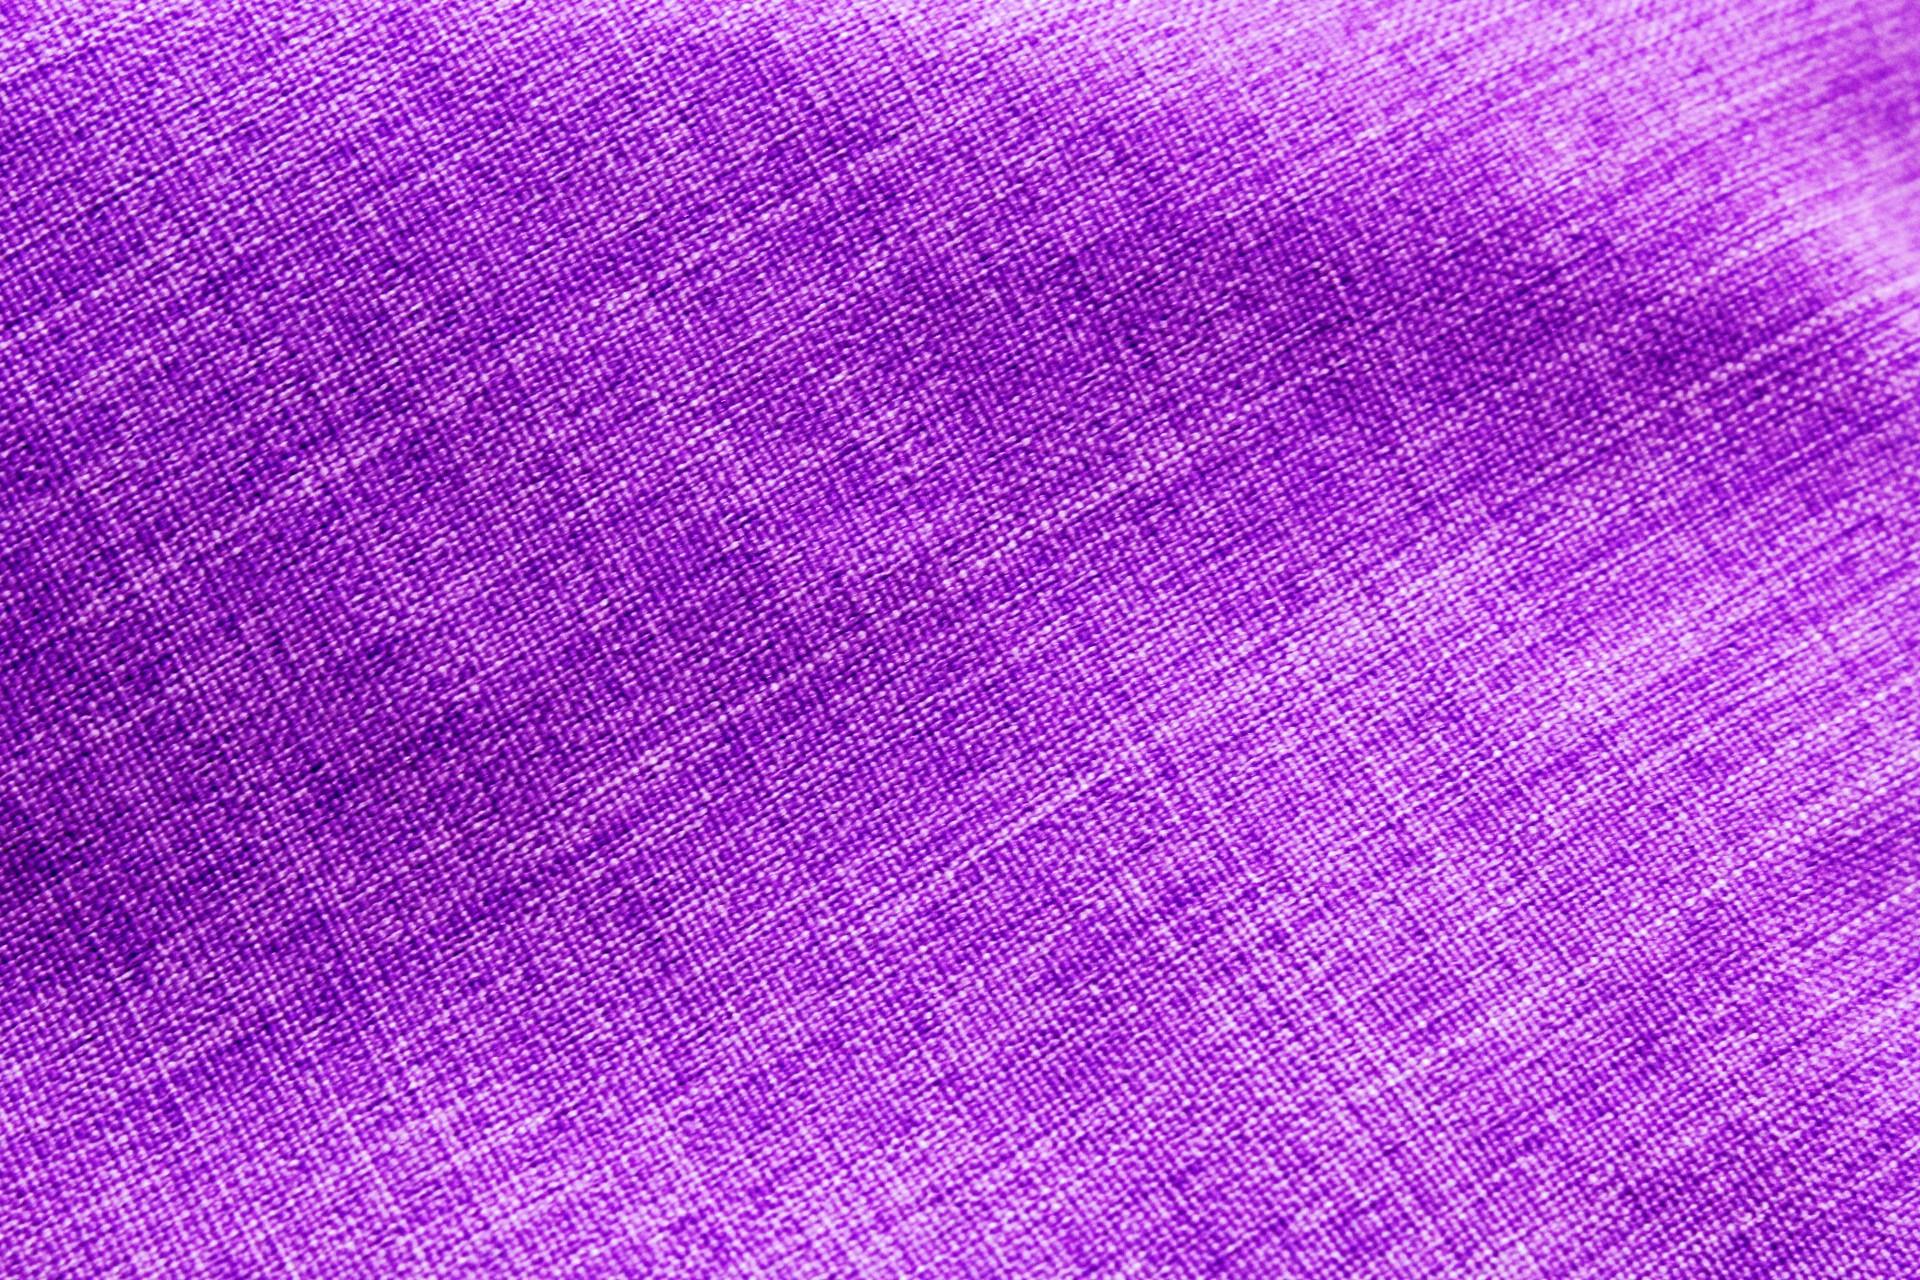 Violet background textilecheckeredflowerslavender cloth 1920x1280